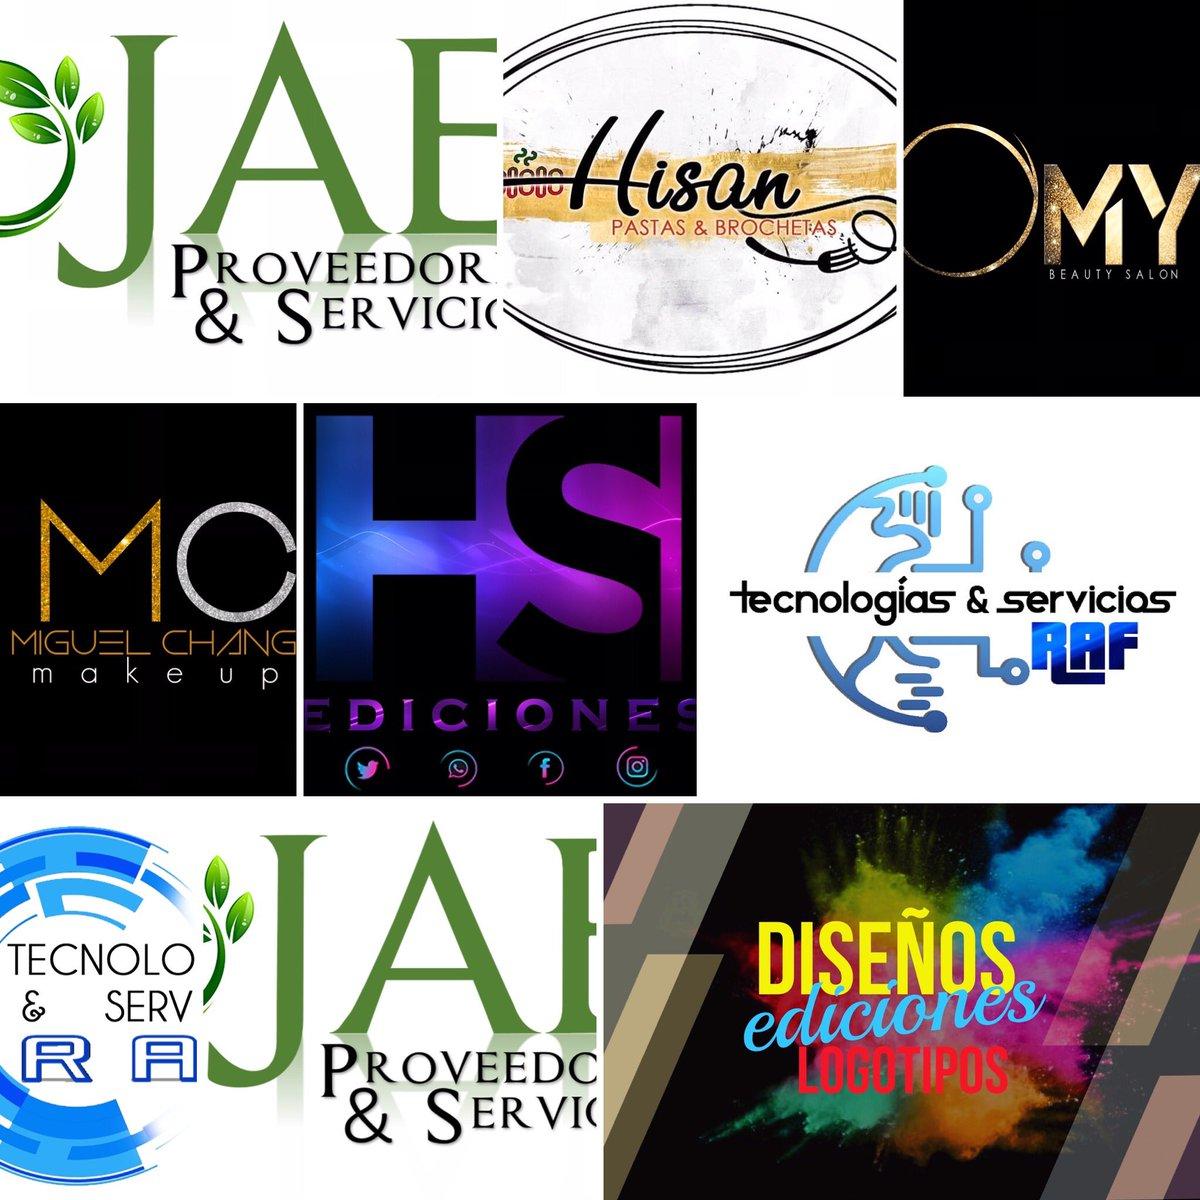 Estos son algunos logos que he realizado para empresas y negocios   #diseño #desing #photography #PhotoShoot #imagen #Publicidad #logos #like #like4like #LikeForLikes #SiguemeYTeSigoCumplopic.twitter.com/VCXBkTtGtM